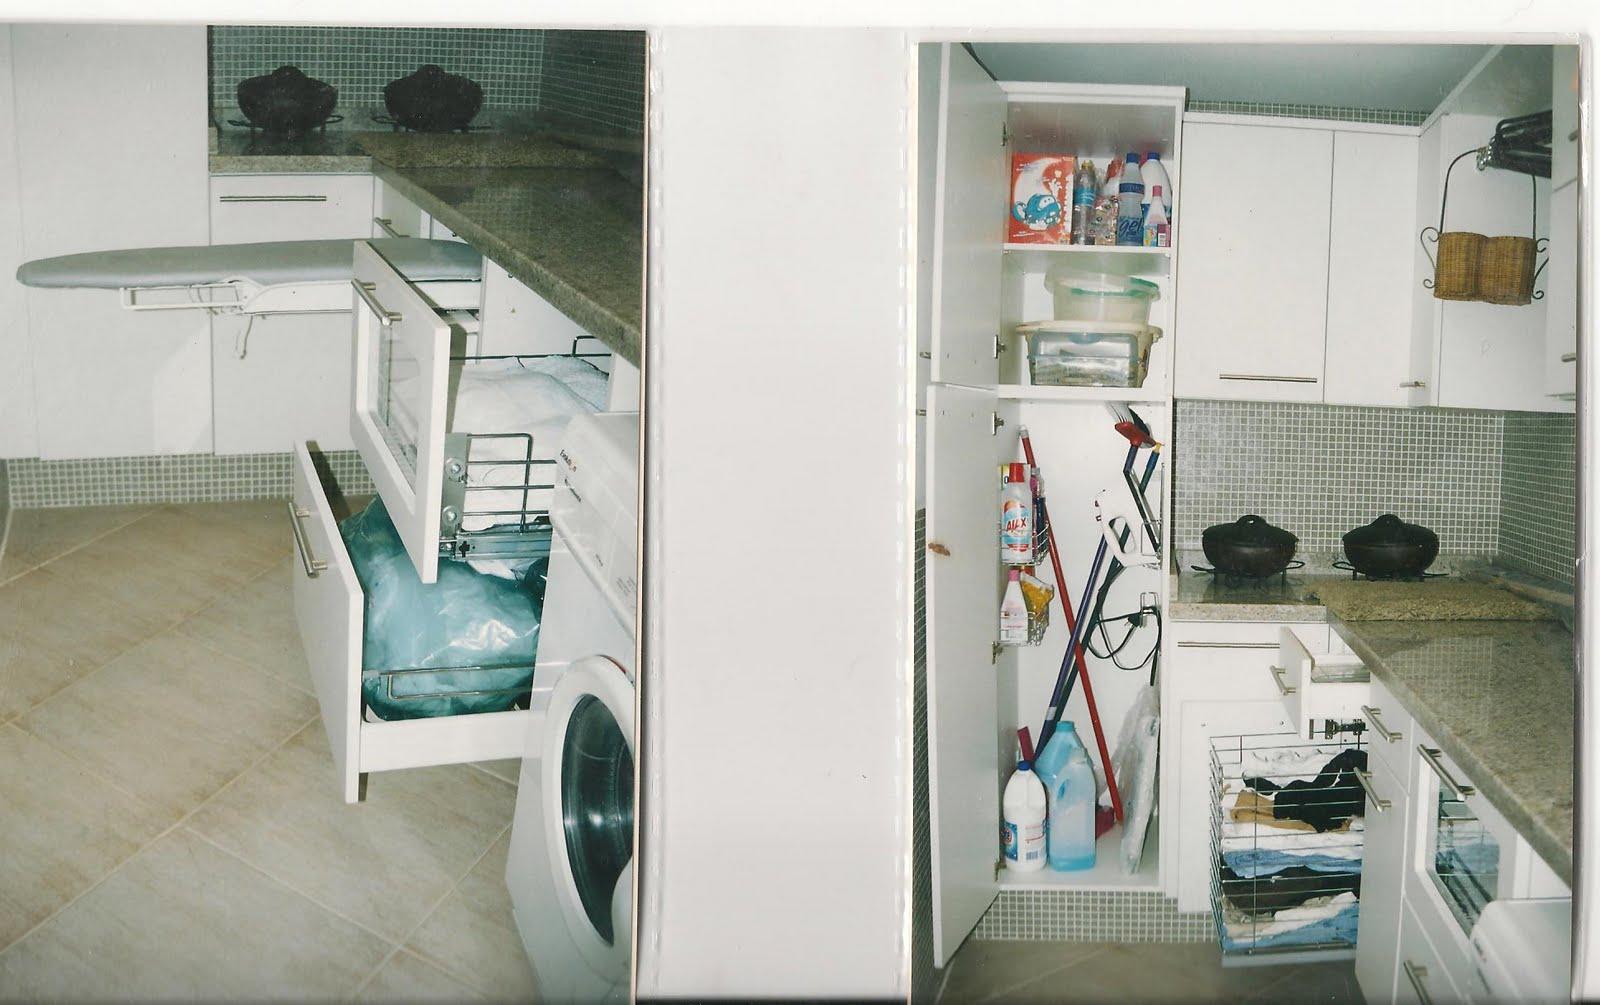 #486A66 Ter o lugar certinho de colocar aquelas tralhas de lavanderia é  1600x1005 px Projetos De Cozinha Com Lavanderia #261 imagens